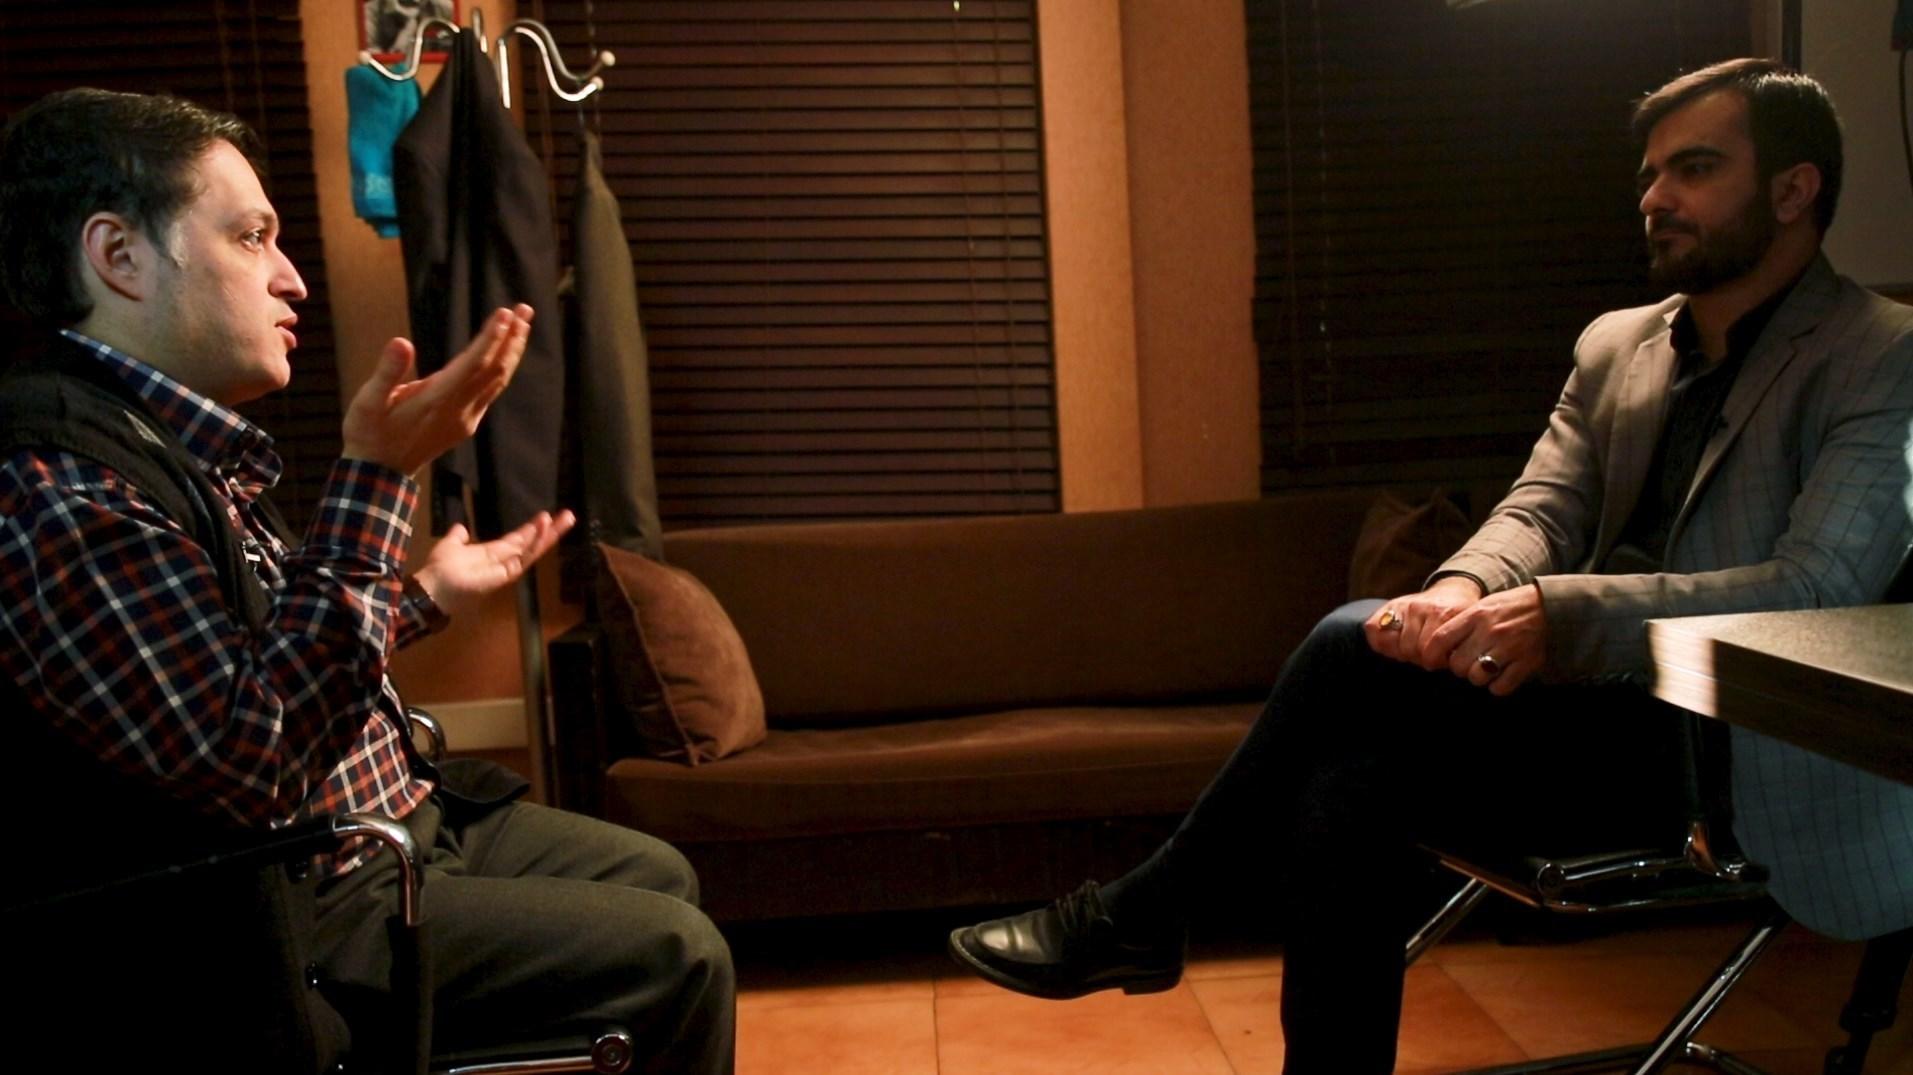 محمد قوچانی: خوئینیها از هاشمی انتقاد کرد تا روحانی را هدف بگیرد